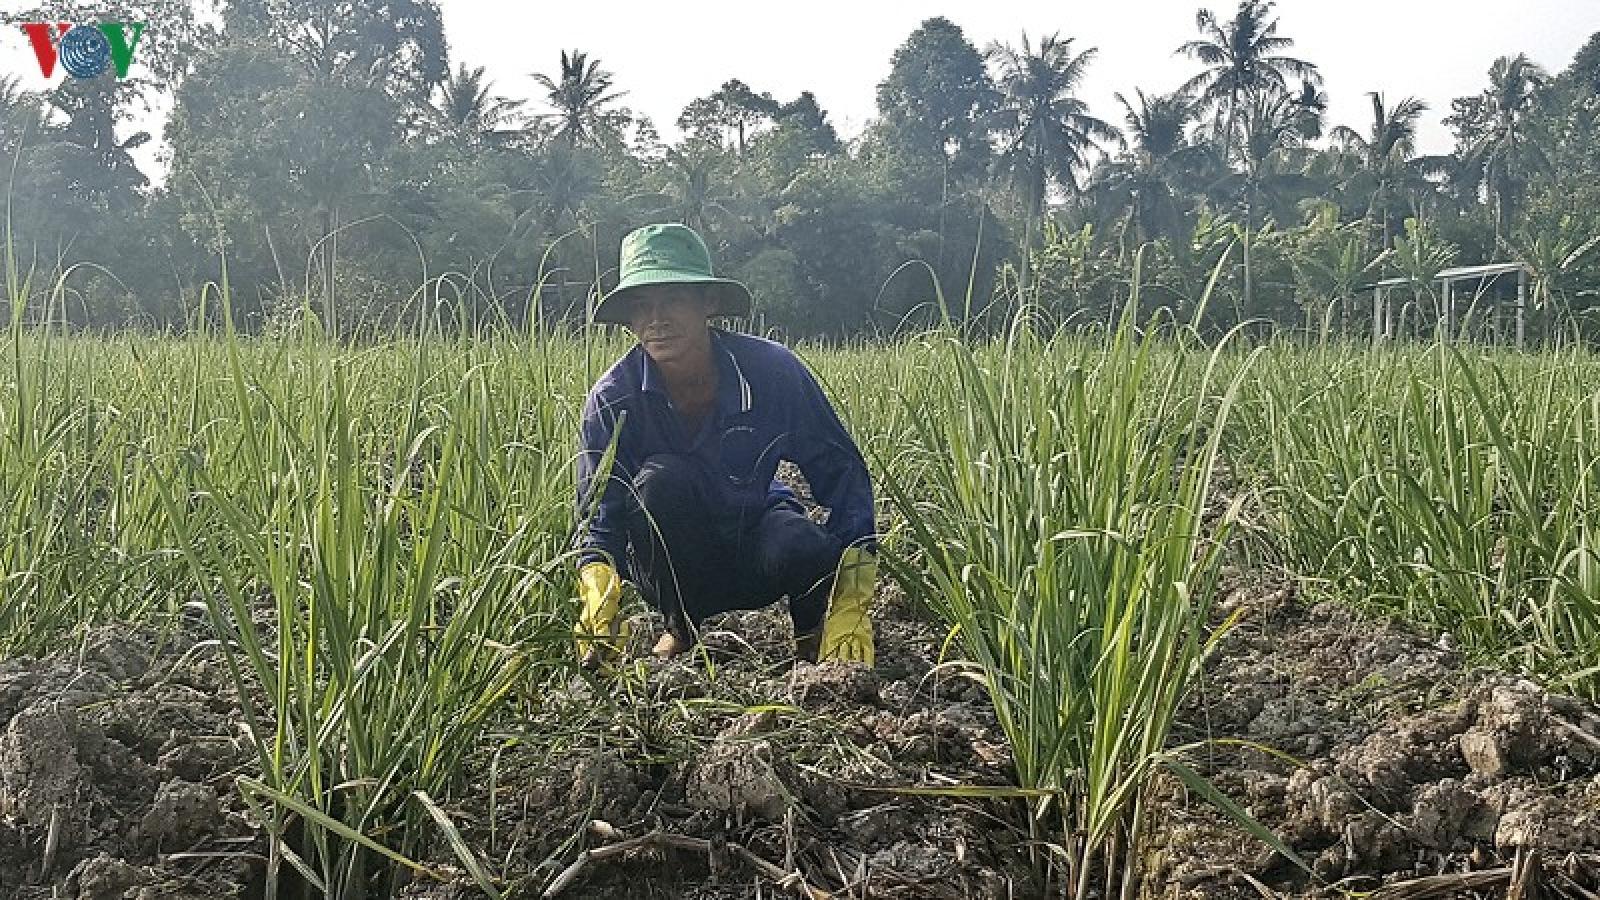 Thua lỗ nặng, nông dân Hậu Giang bỏ mía trồng cây khác